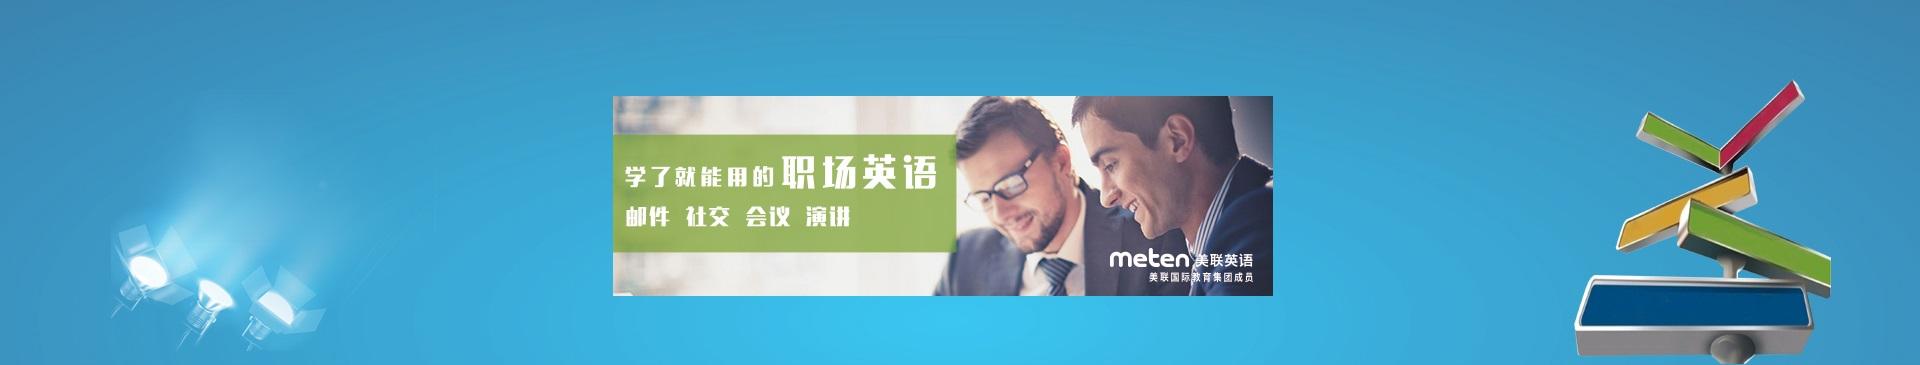 深圳天利中央广场美联英语培训